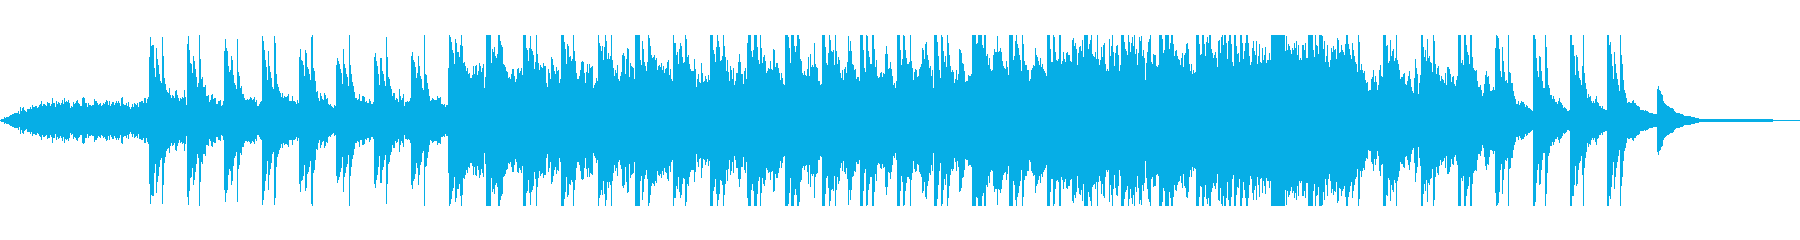 ピアノとシーケンサーのヒーリングの再生済みの波形